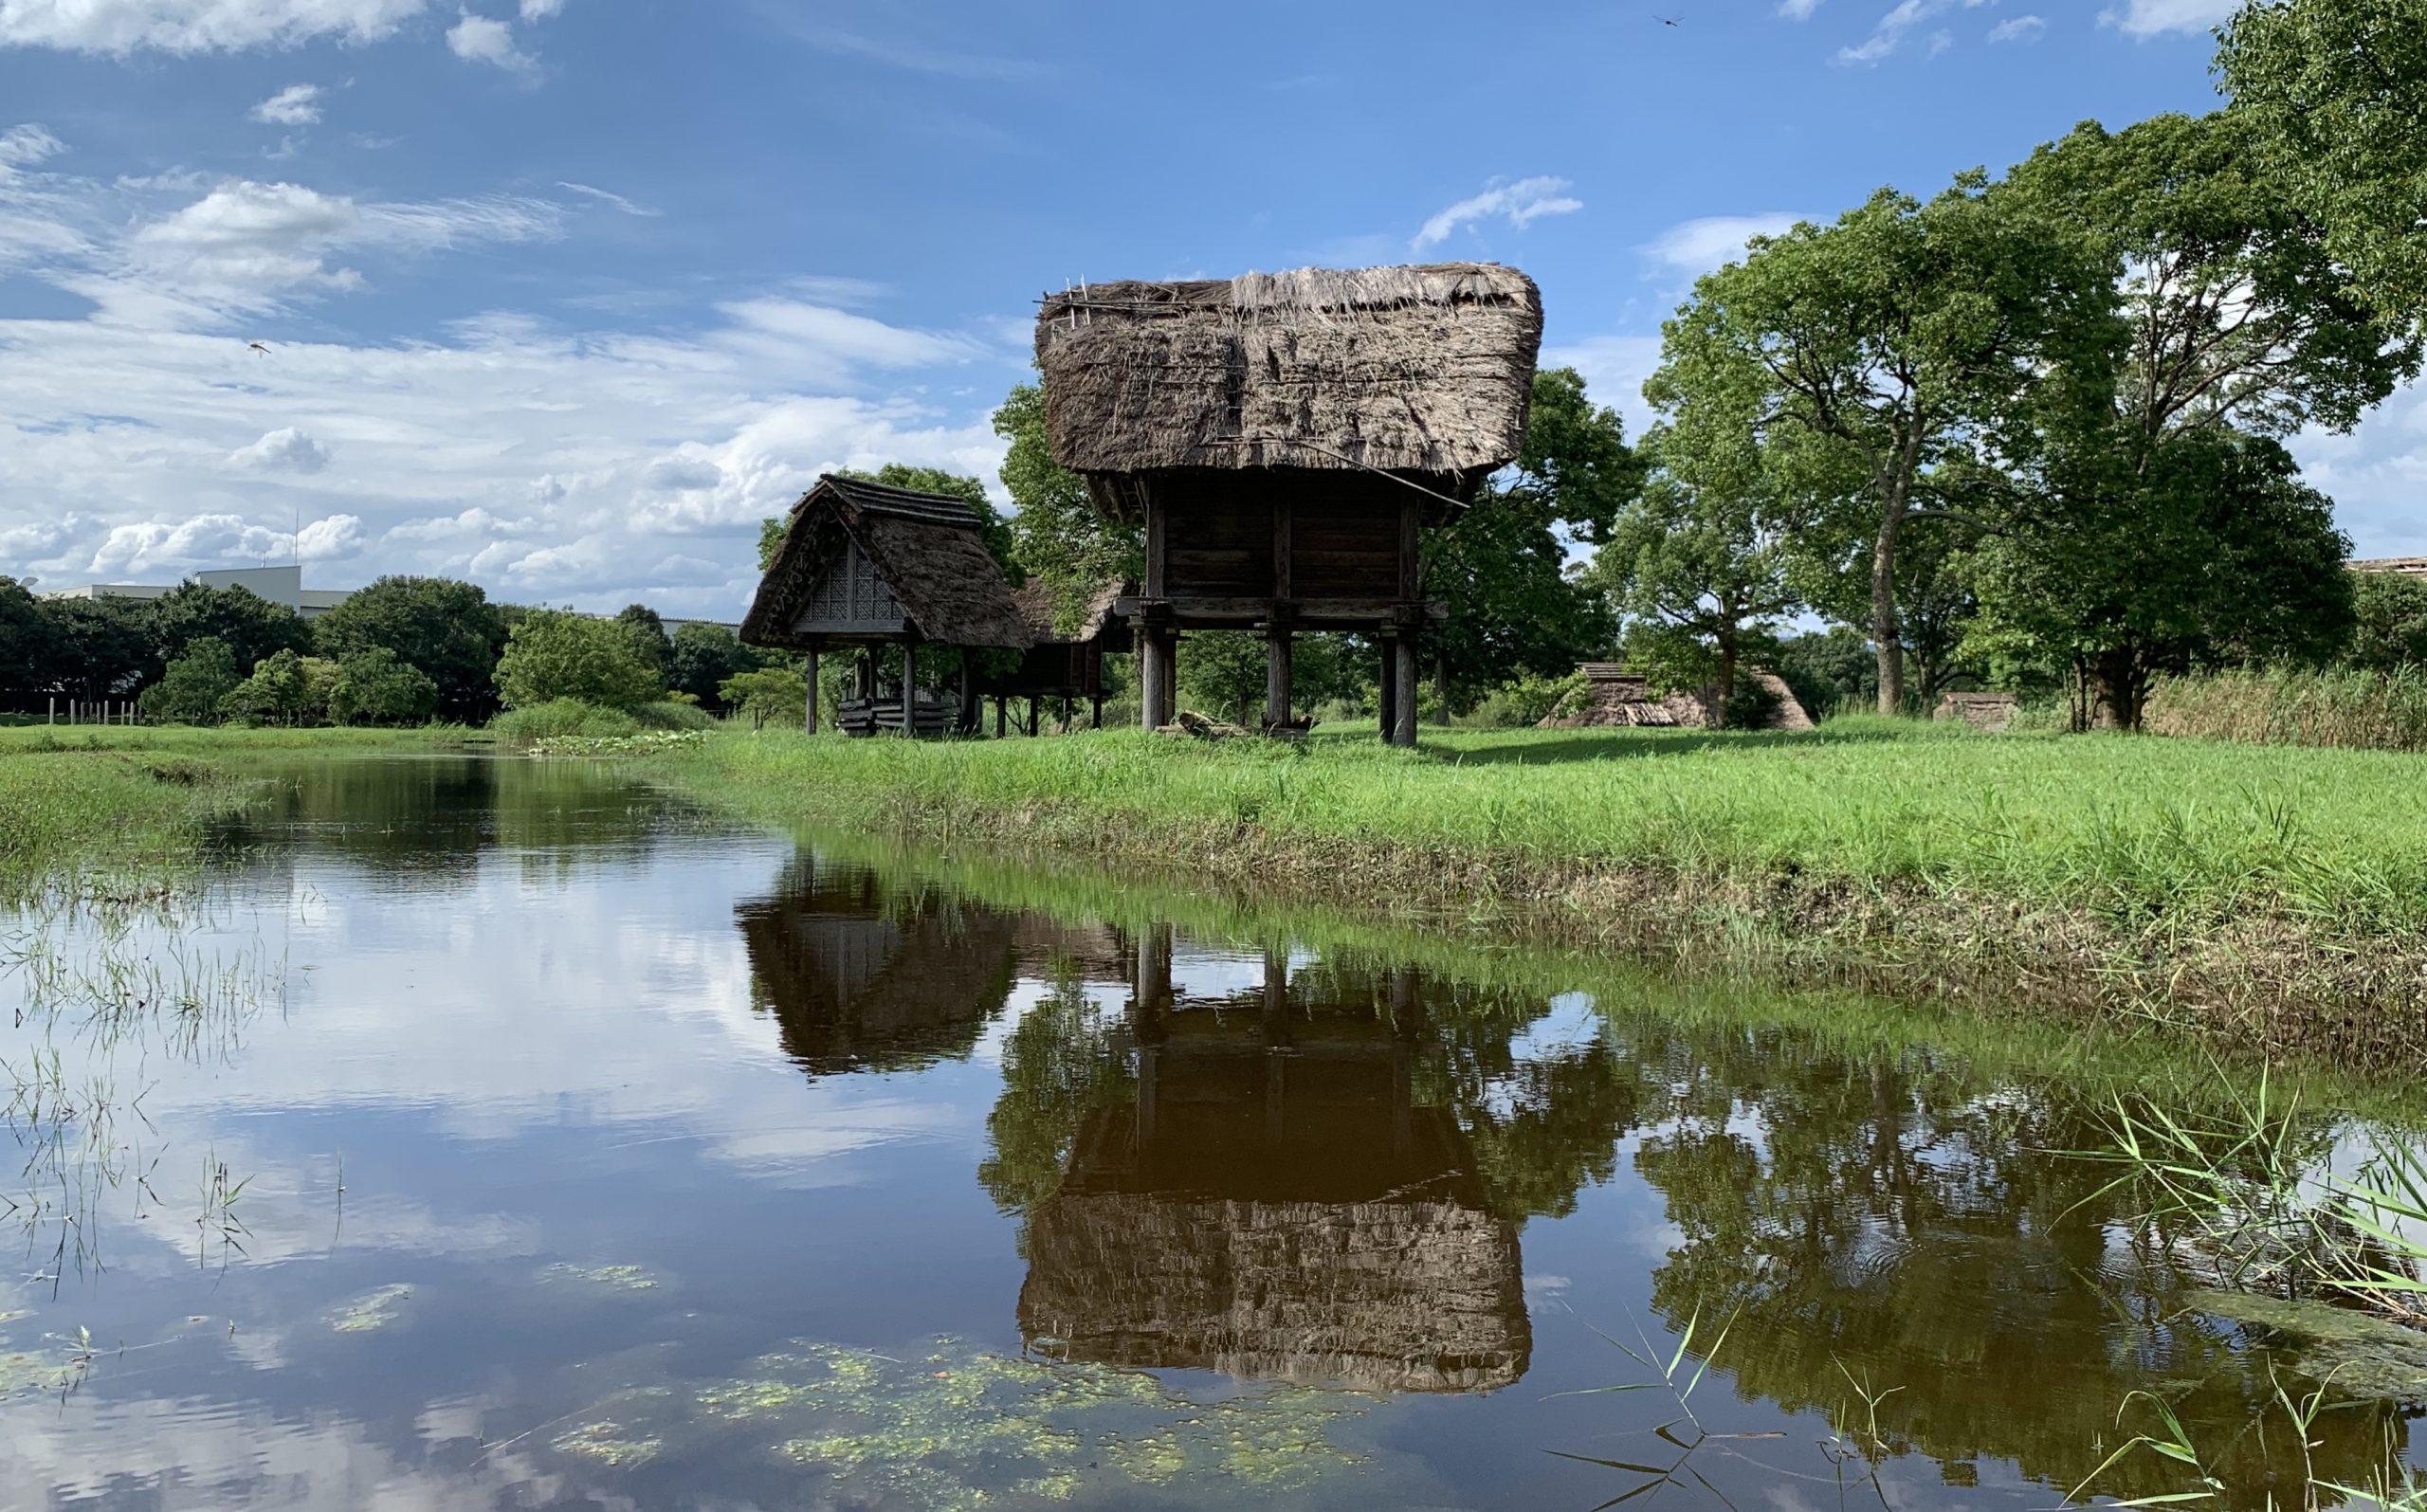 Hirazuka Kawazoe Archaeological Park: 2,000 years of history